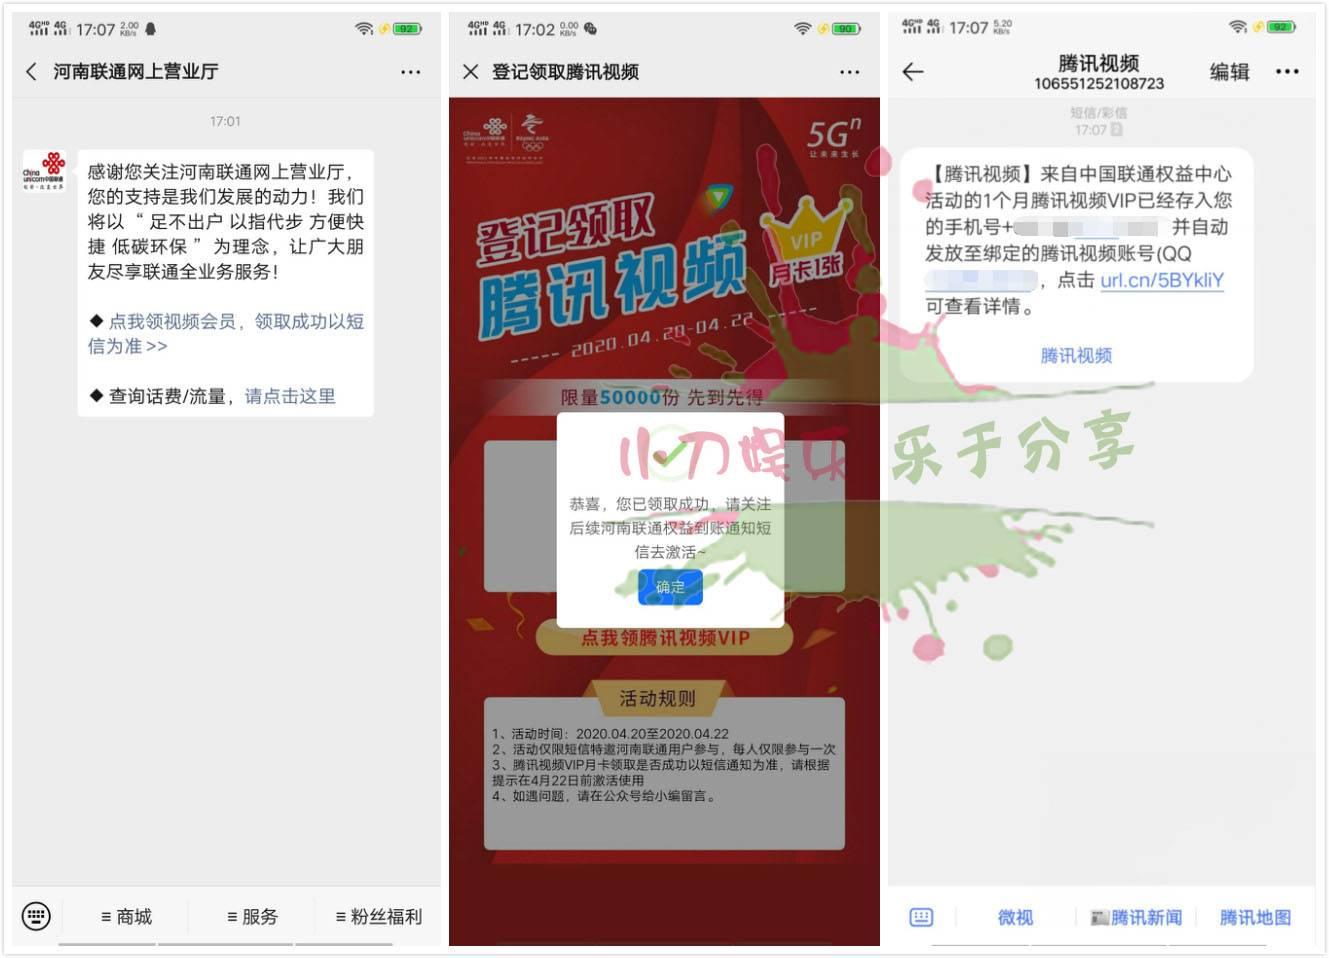 河南联通用户领1个月腾讯视频会员